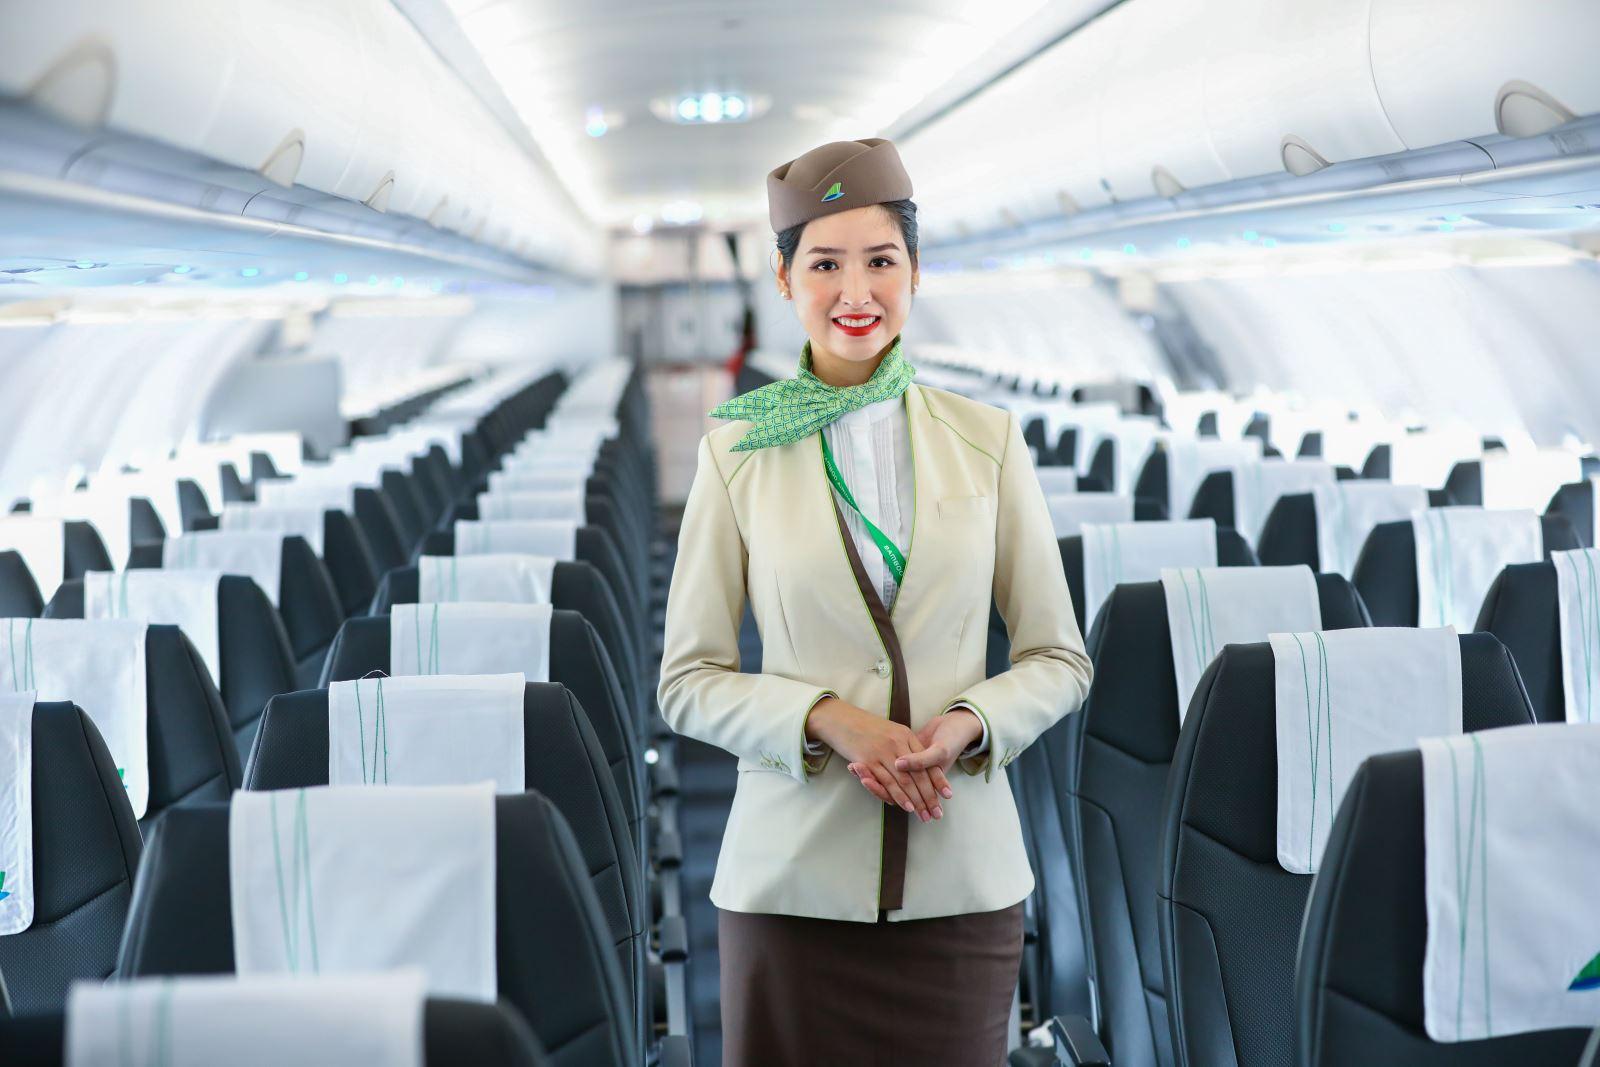 Bamboo tập trung vào việc đầu tư các chuyến bay thẳng từ quốc tế và trong nước đến những điểm du lịch mới nổi của Việt Nam - Ảnh: Bamboo Airways